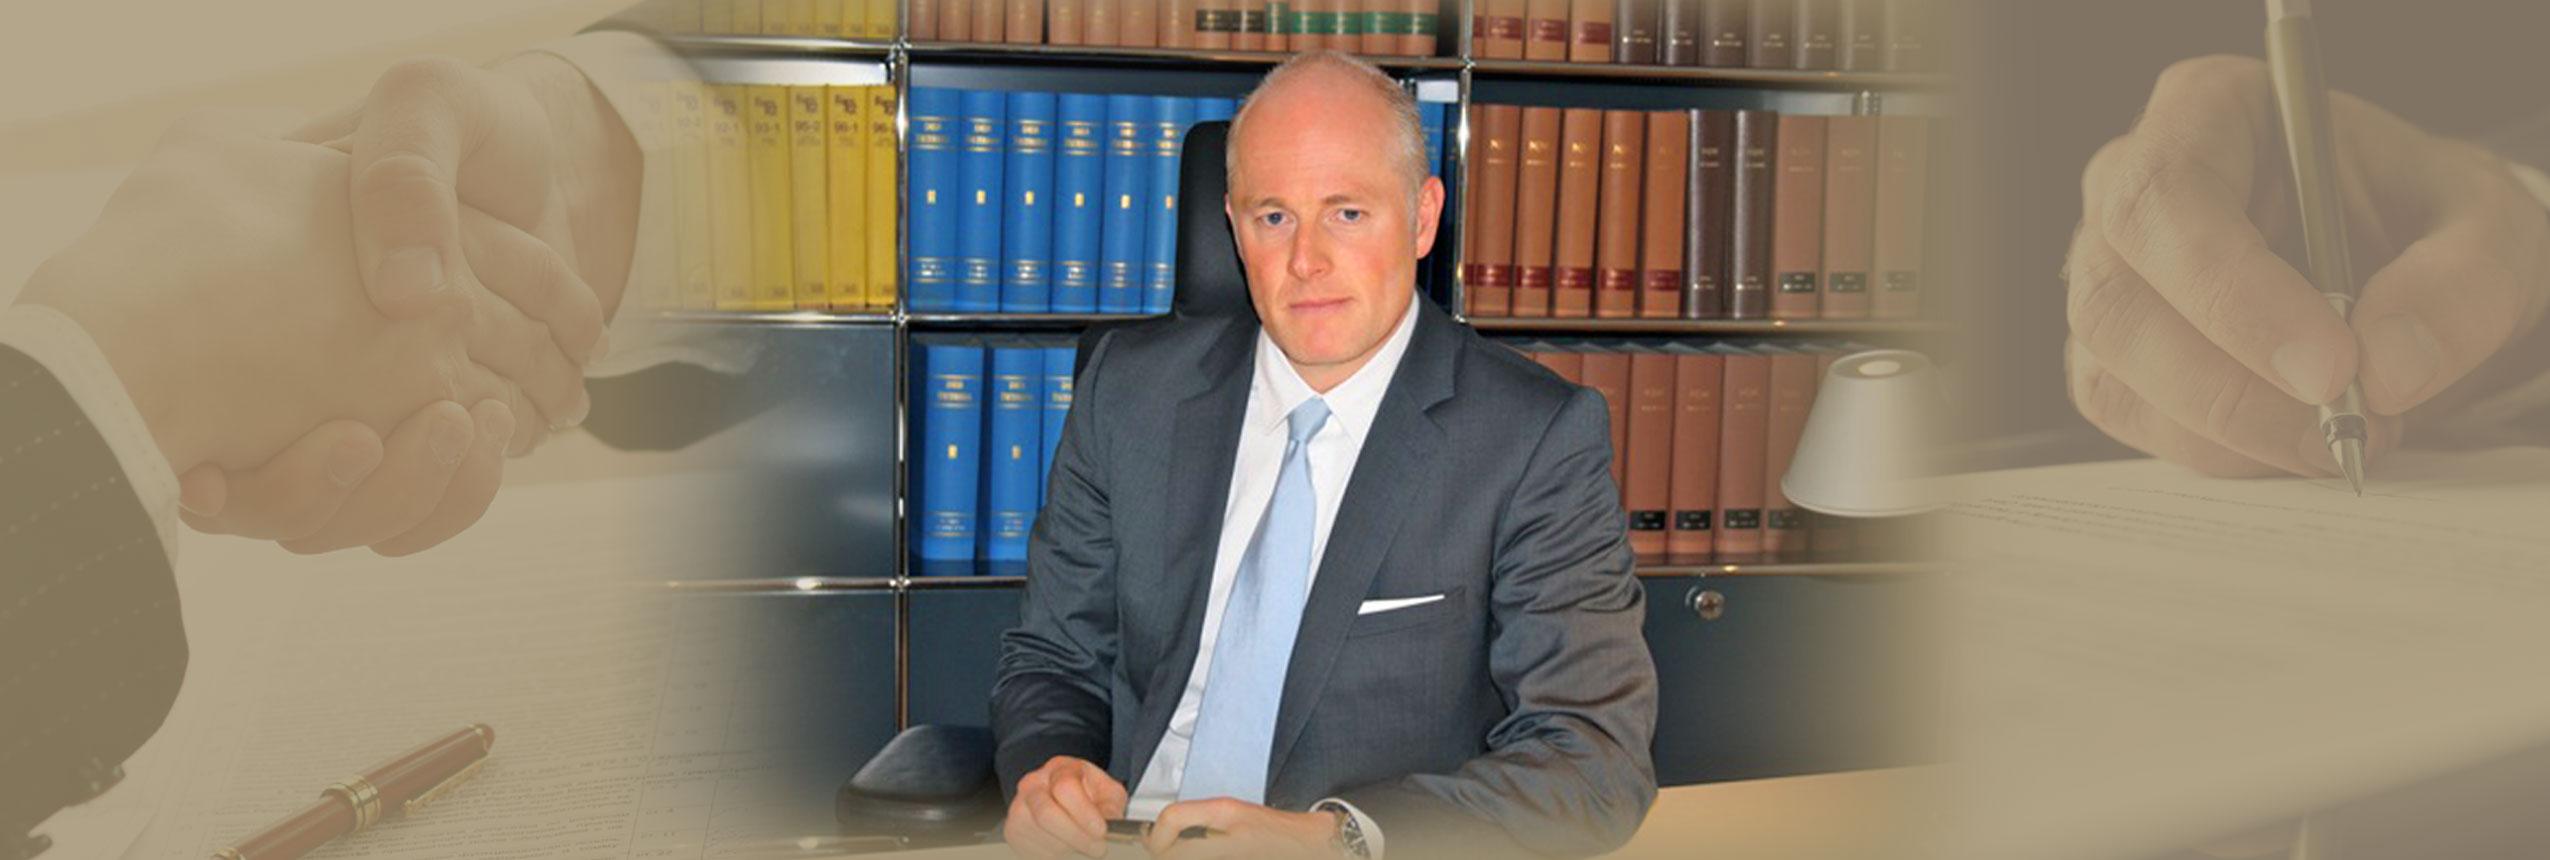 rechtsanwalt dr simon in muenchen - Verkehrsrecht Vertragsrecht München